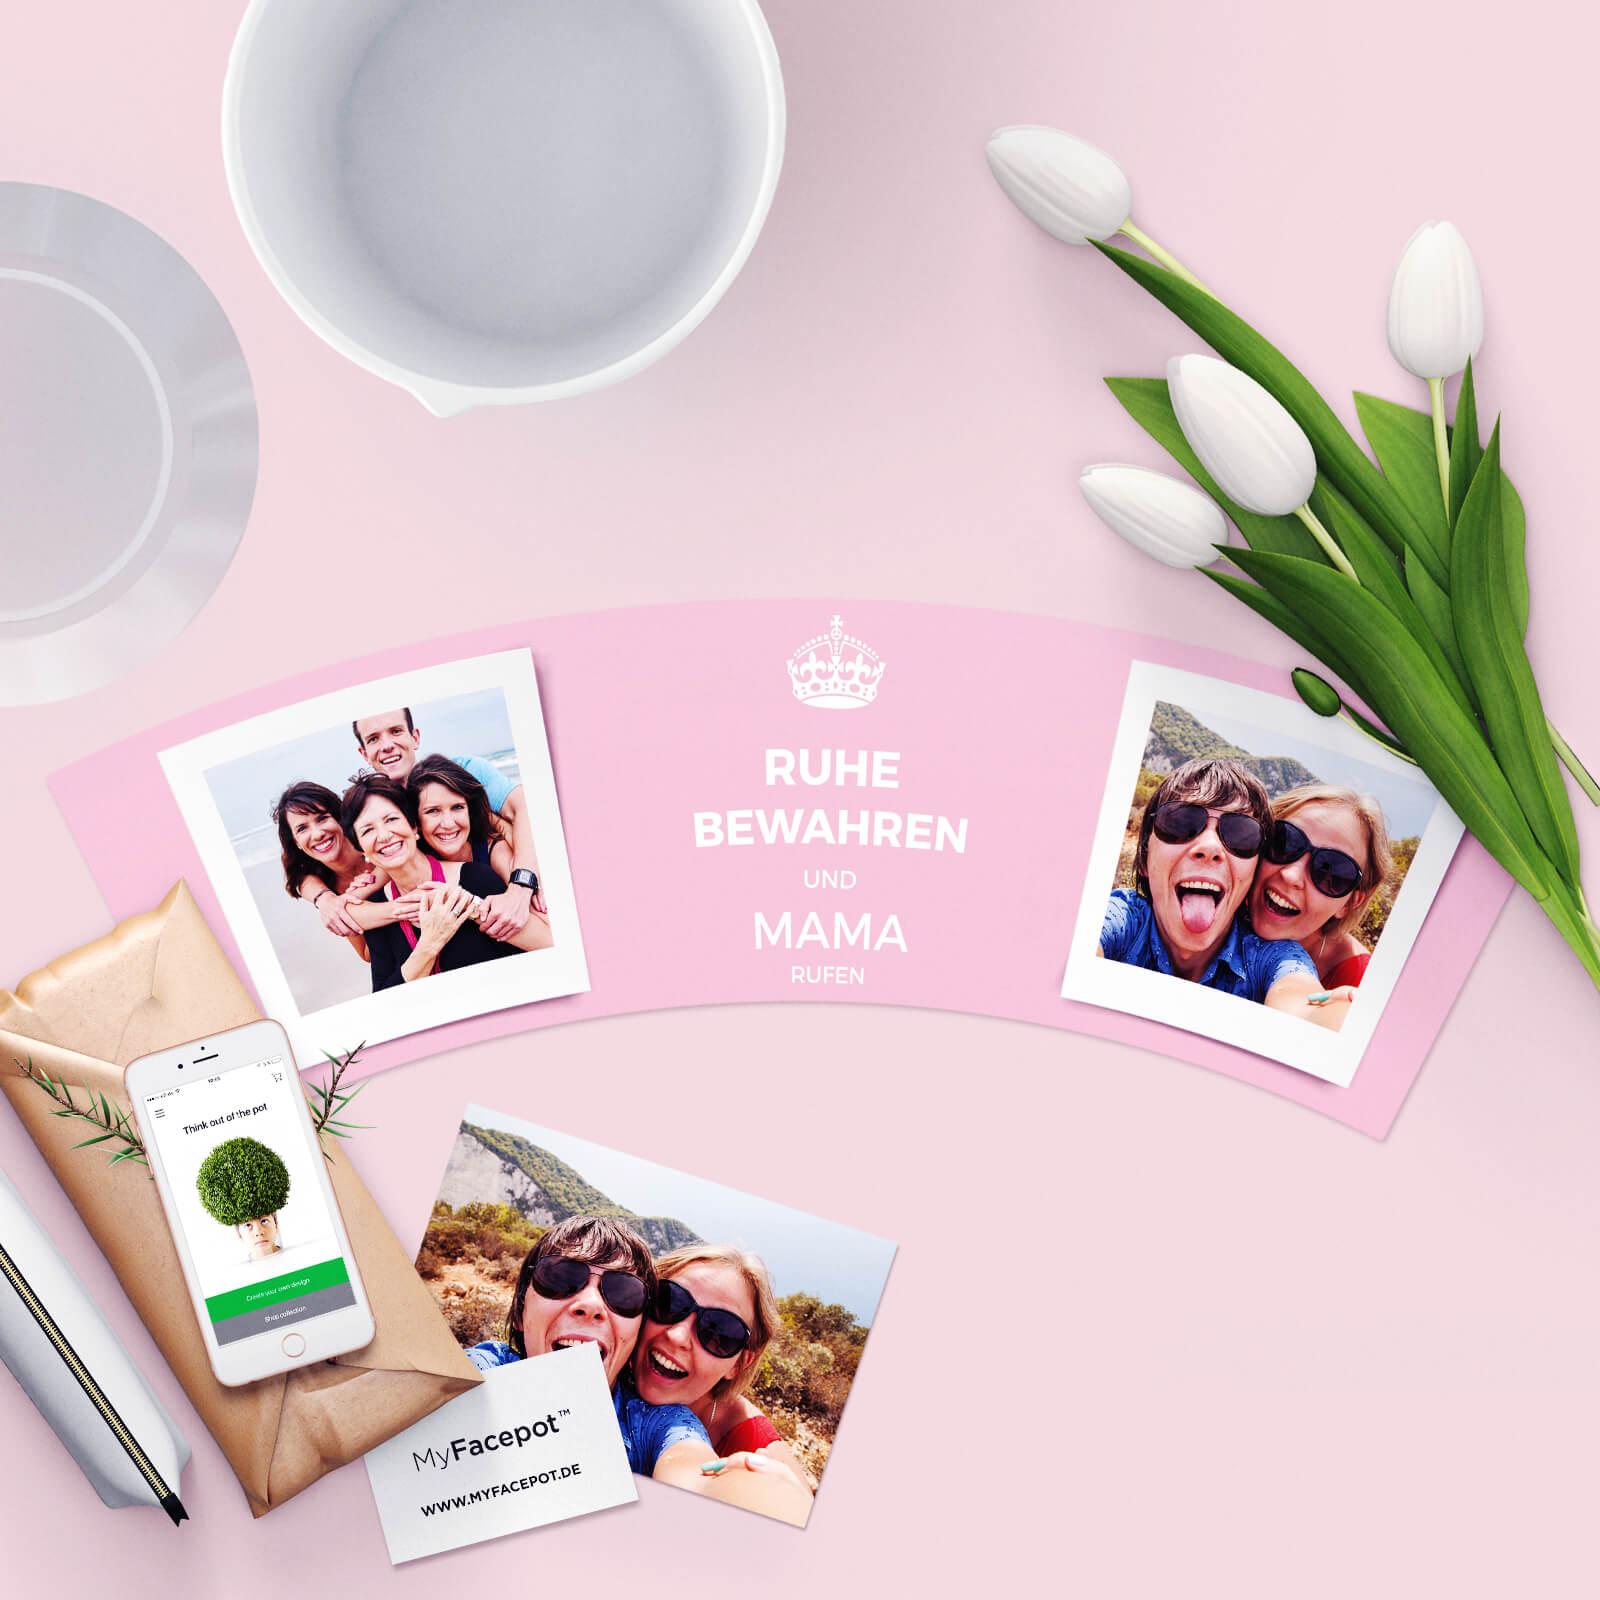 Personalisiert Geschenkidee zum Muttertag